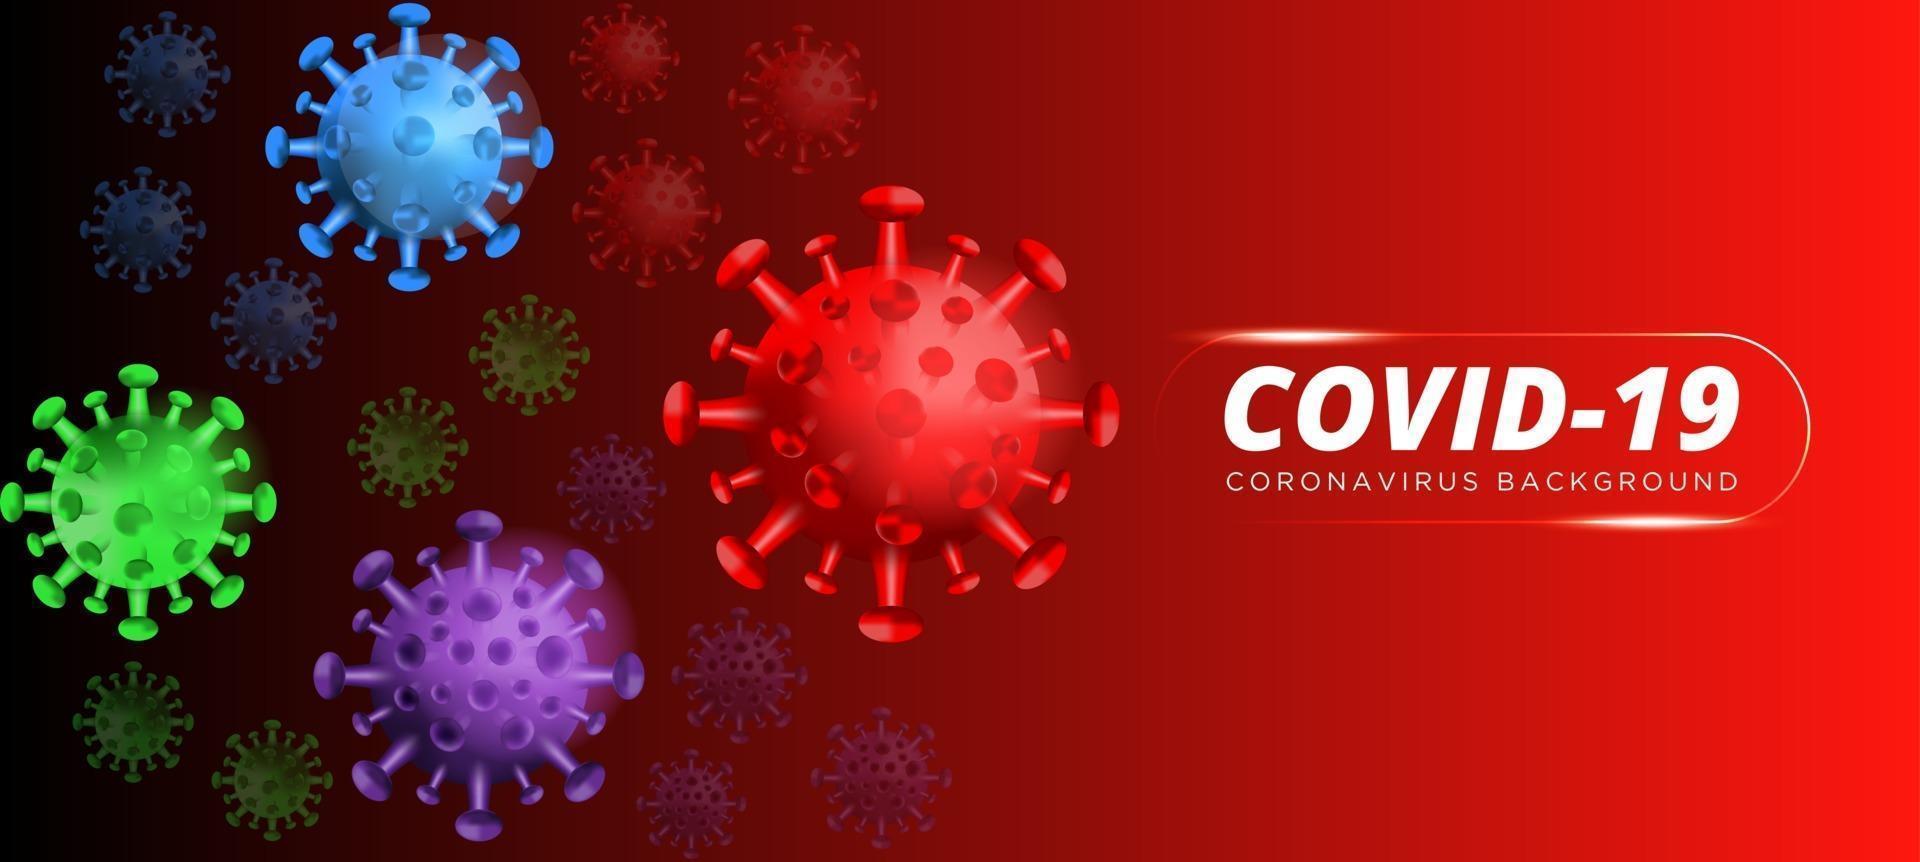 COVID-19 [feminine. épidémie de coronavirus, épidémie de maladie virale, rendu 3d du virus, illustration de l'organisme. fond avec des cellules de virus 3d réalistes. Illustration 3d vecteur